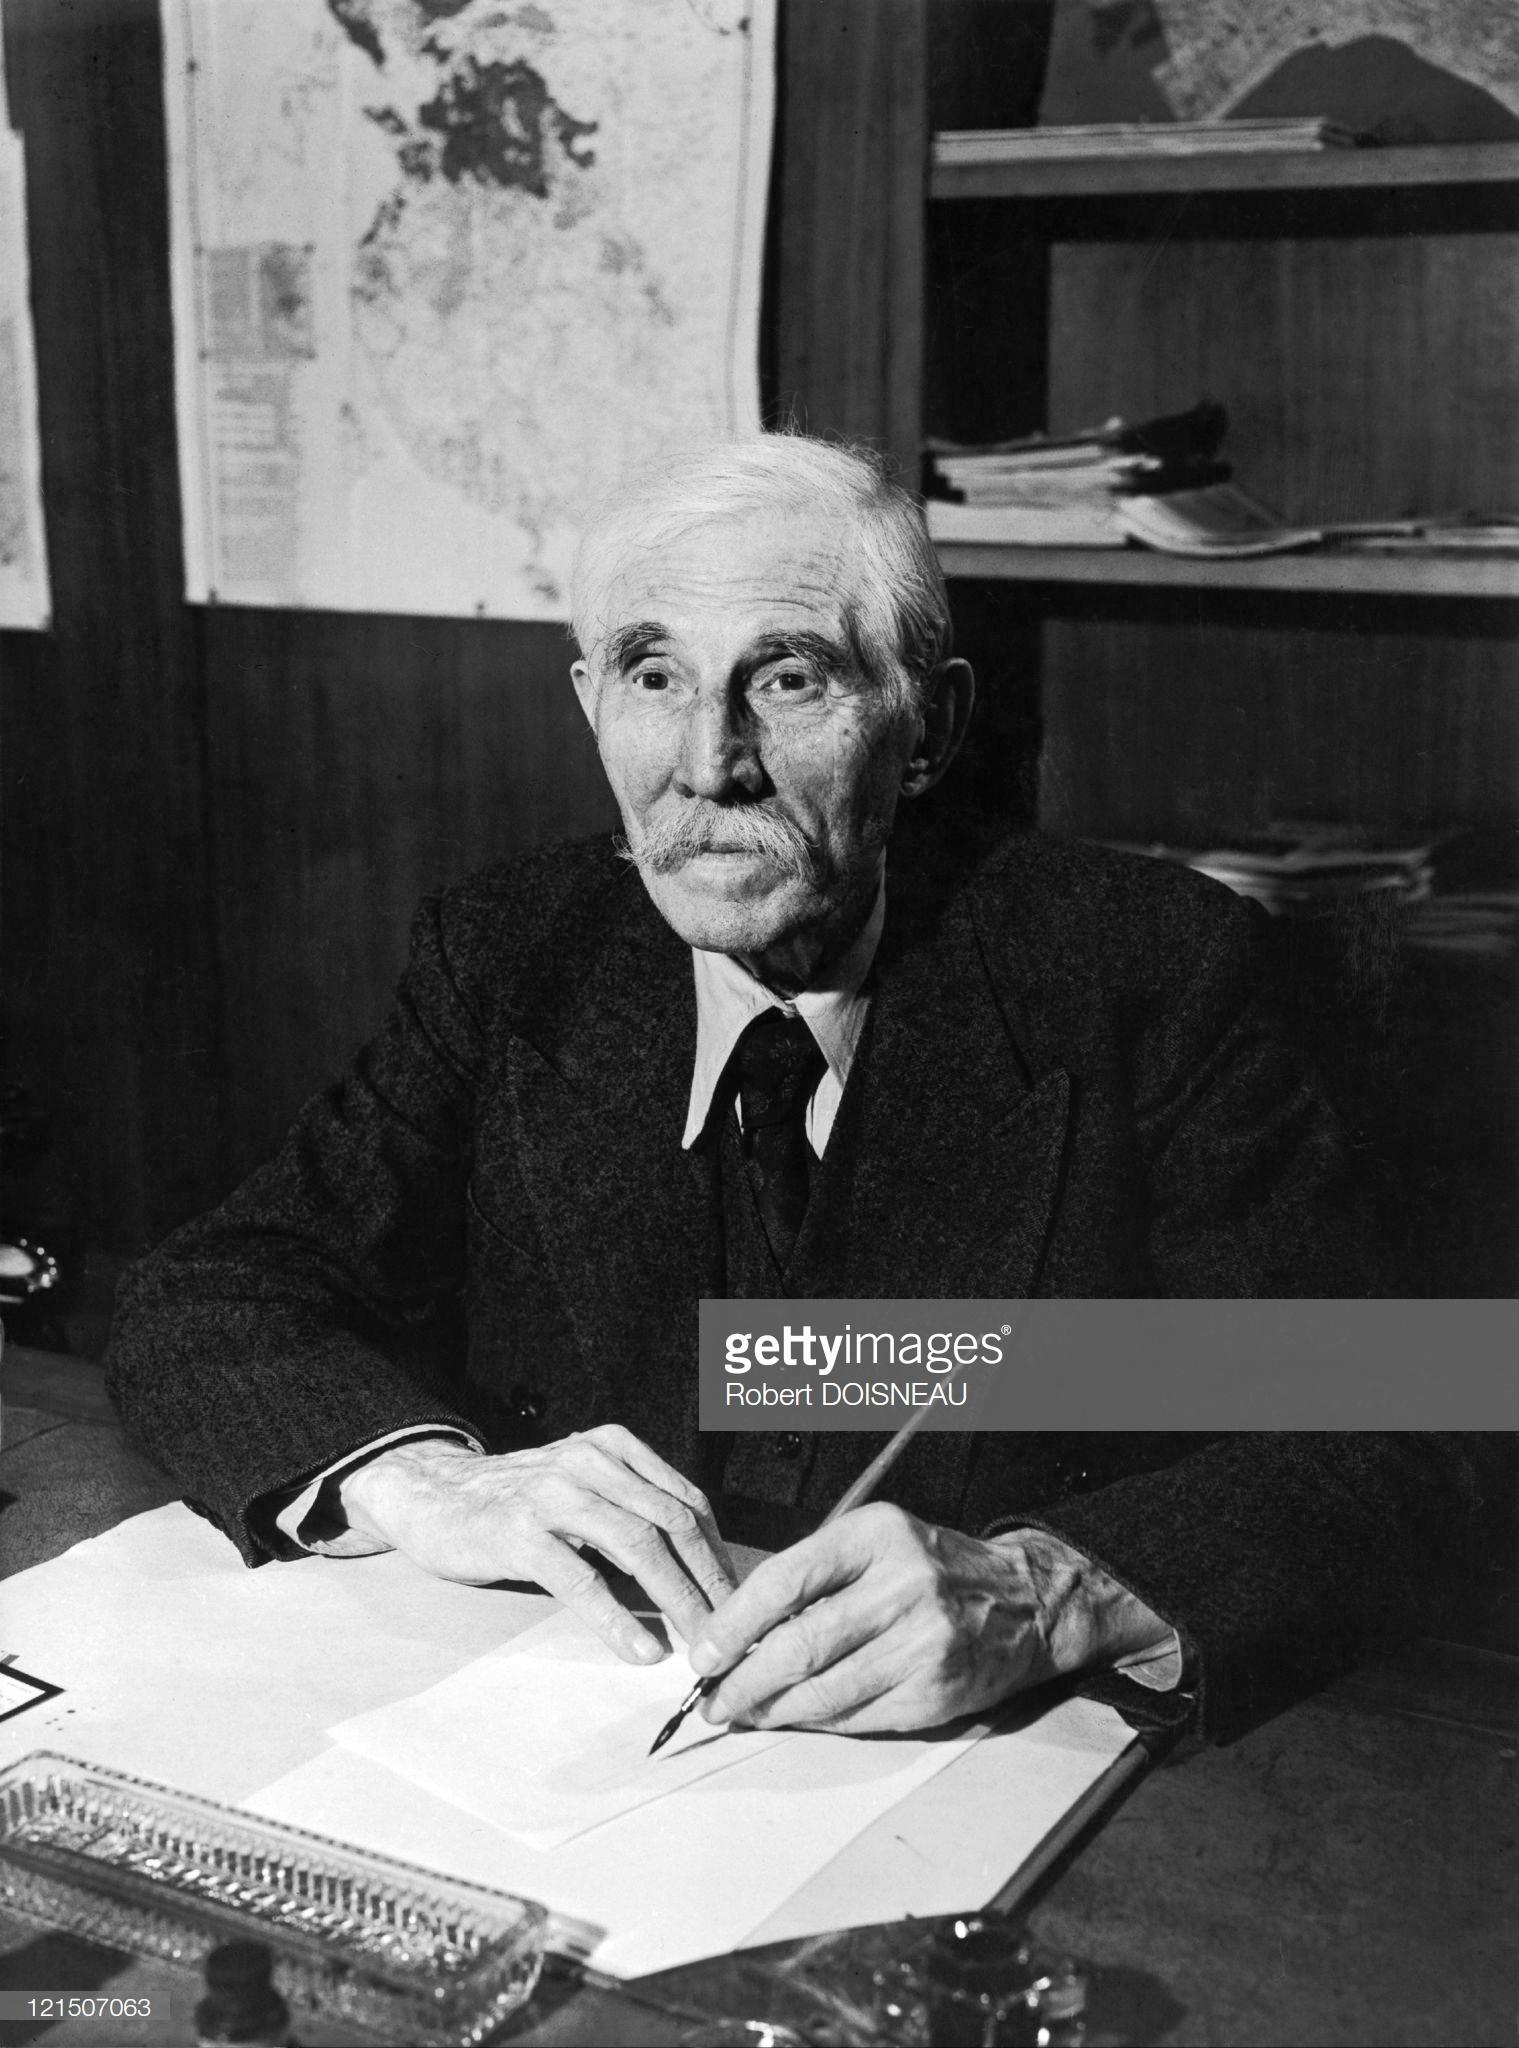 1949. Марсель Кашен. Один из основателей Коммунистической партии Франции, который также был редактором газеты Юманите